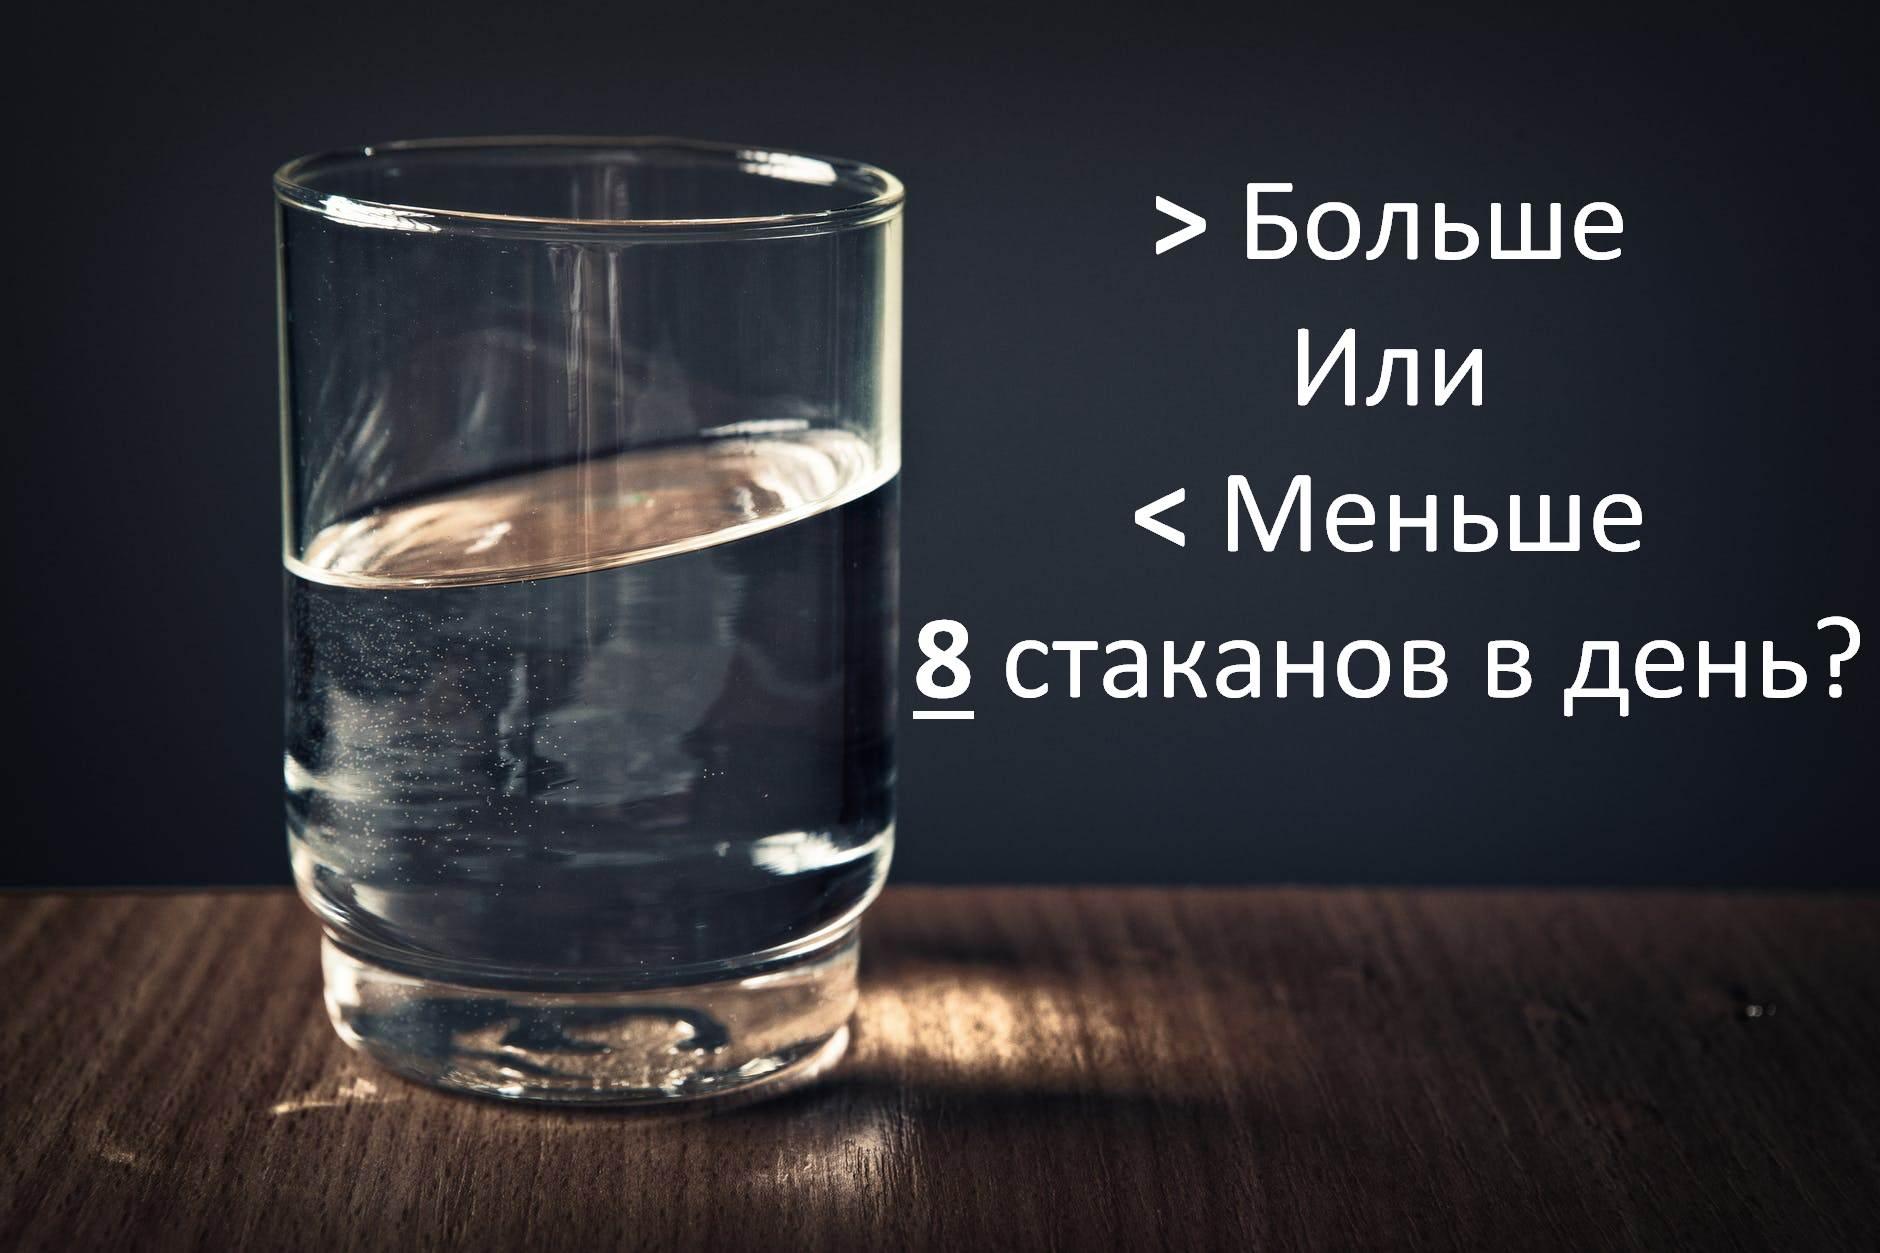 Почему надо пить 8 стаканов в день